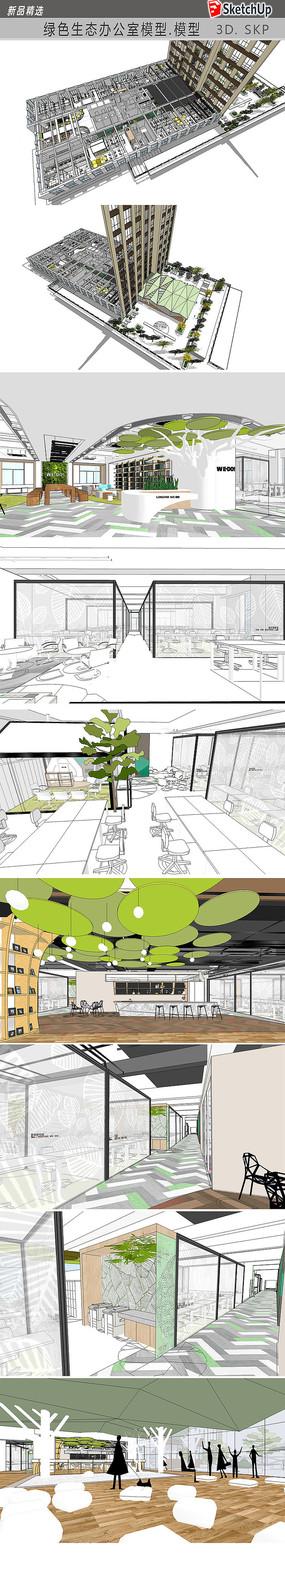 绿色生态办公室模型